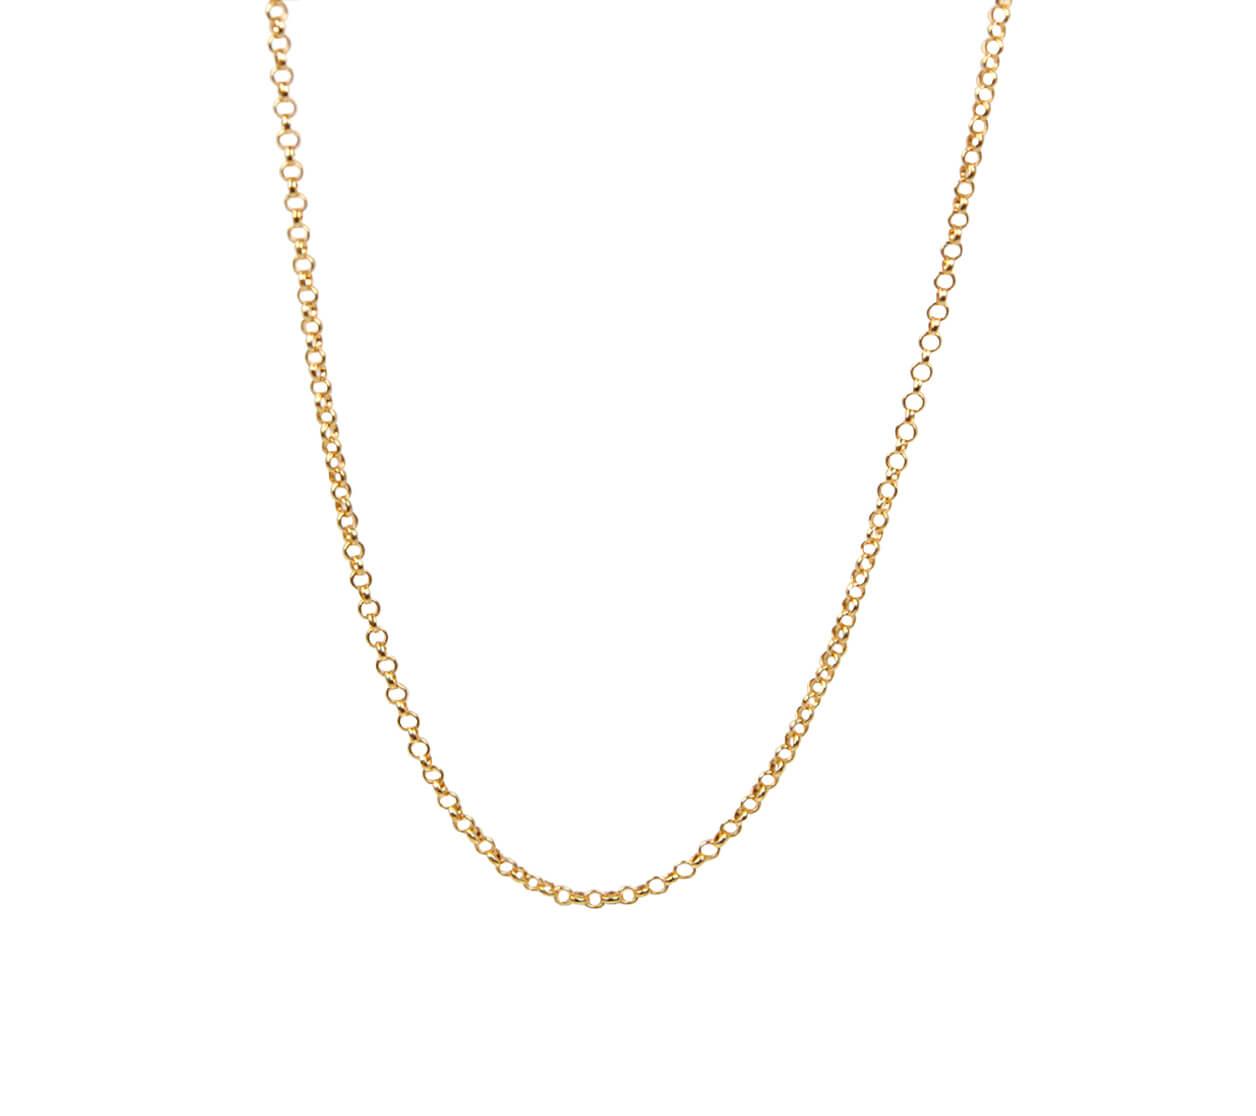 Mas Jewelz necklace plain 57-60 cm Gold